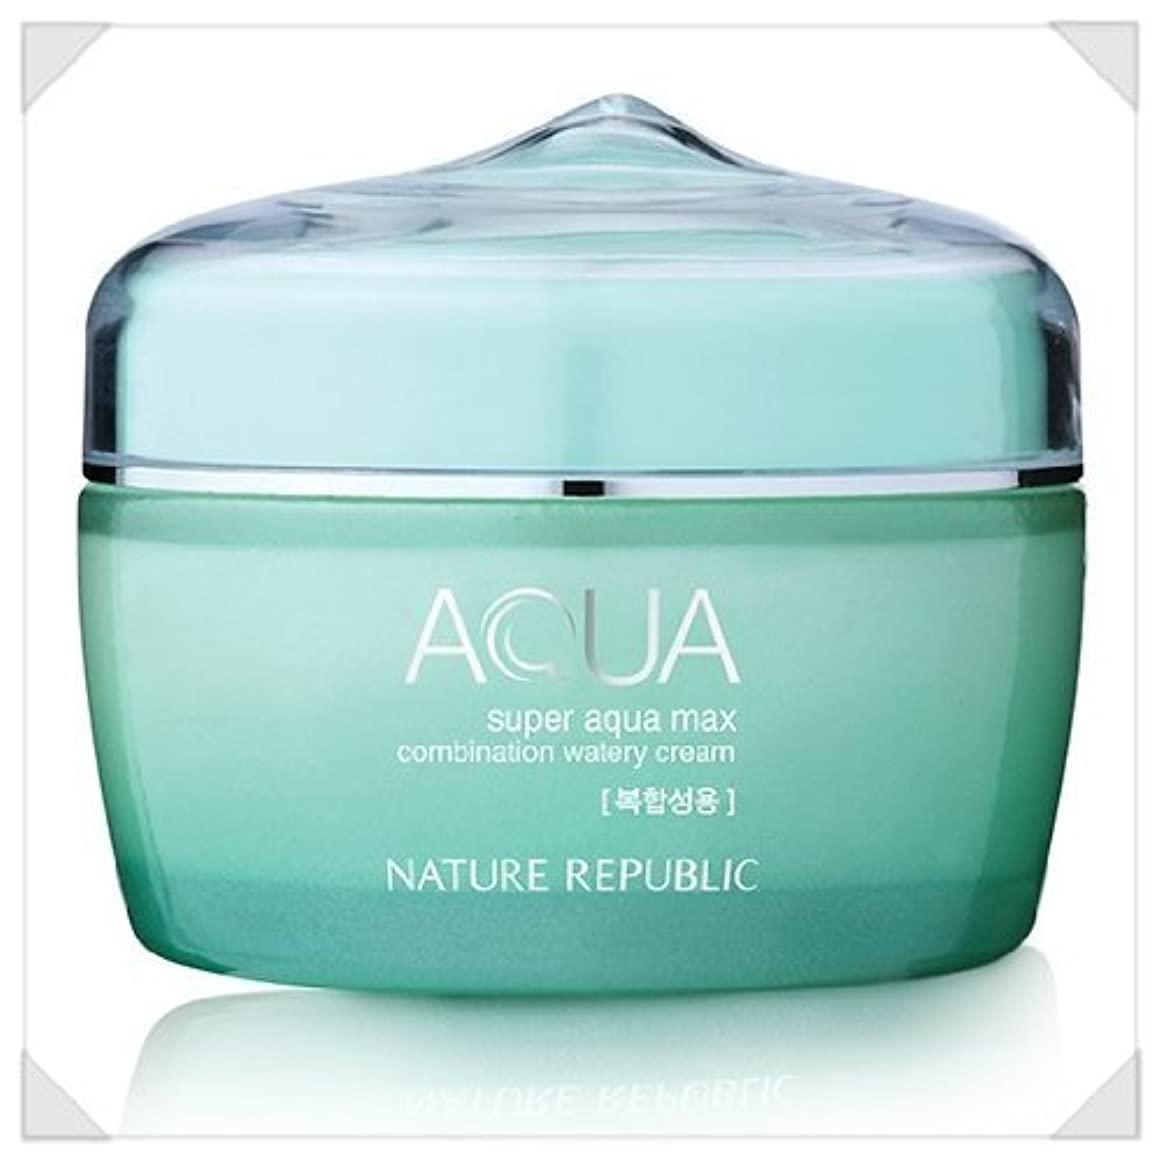 販売計画ビデオアーカイブNature Republic Super Aqua Max Combination Watery Cream_80ml_for combination skin type